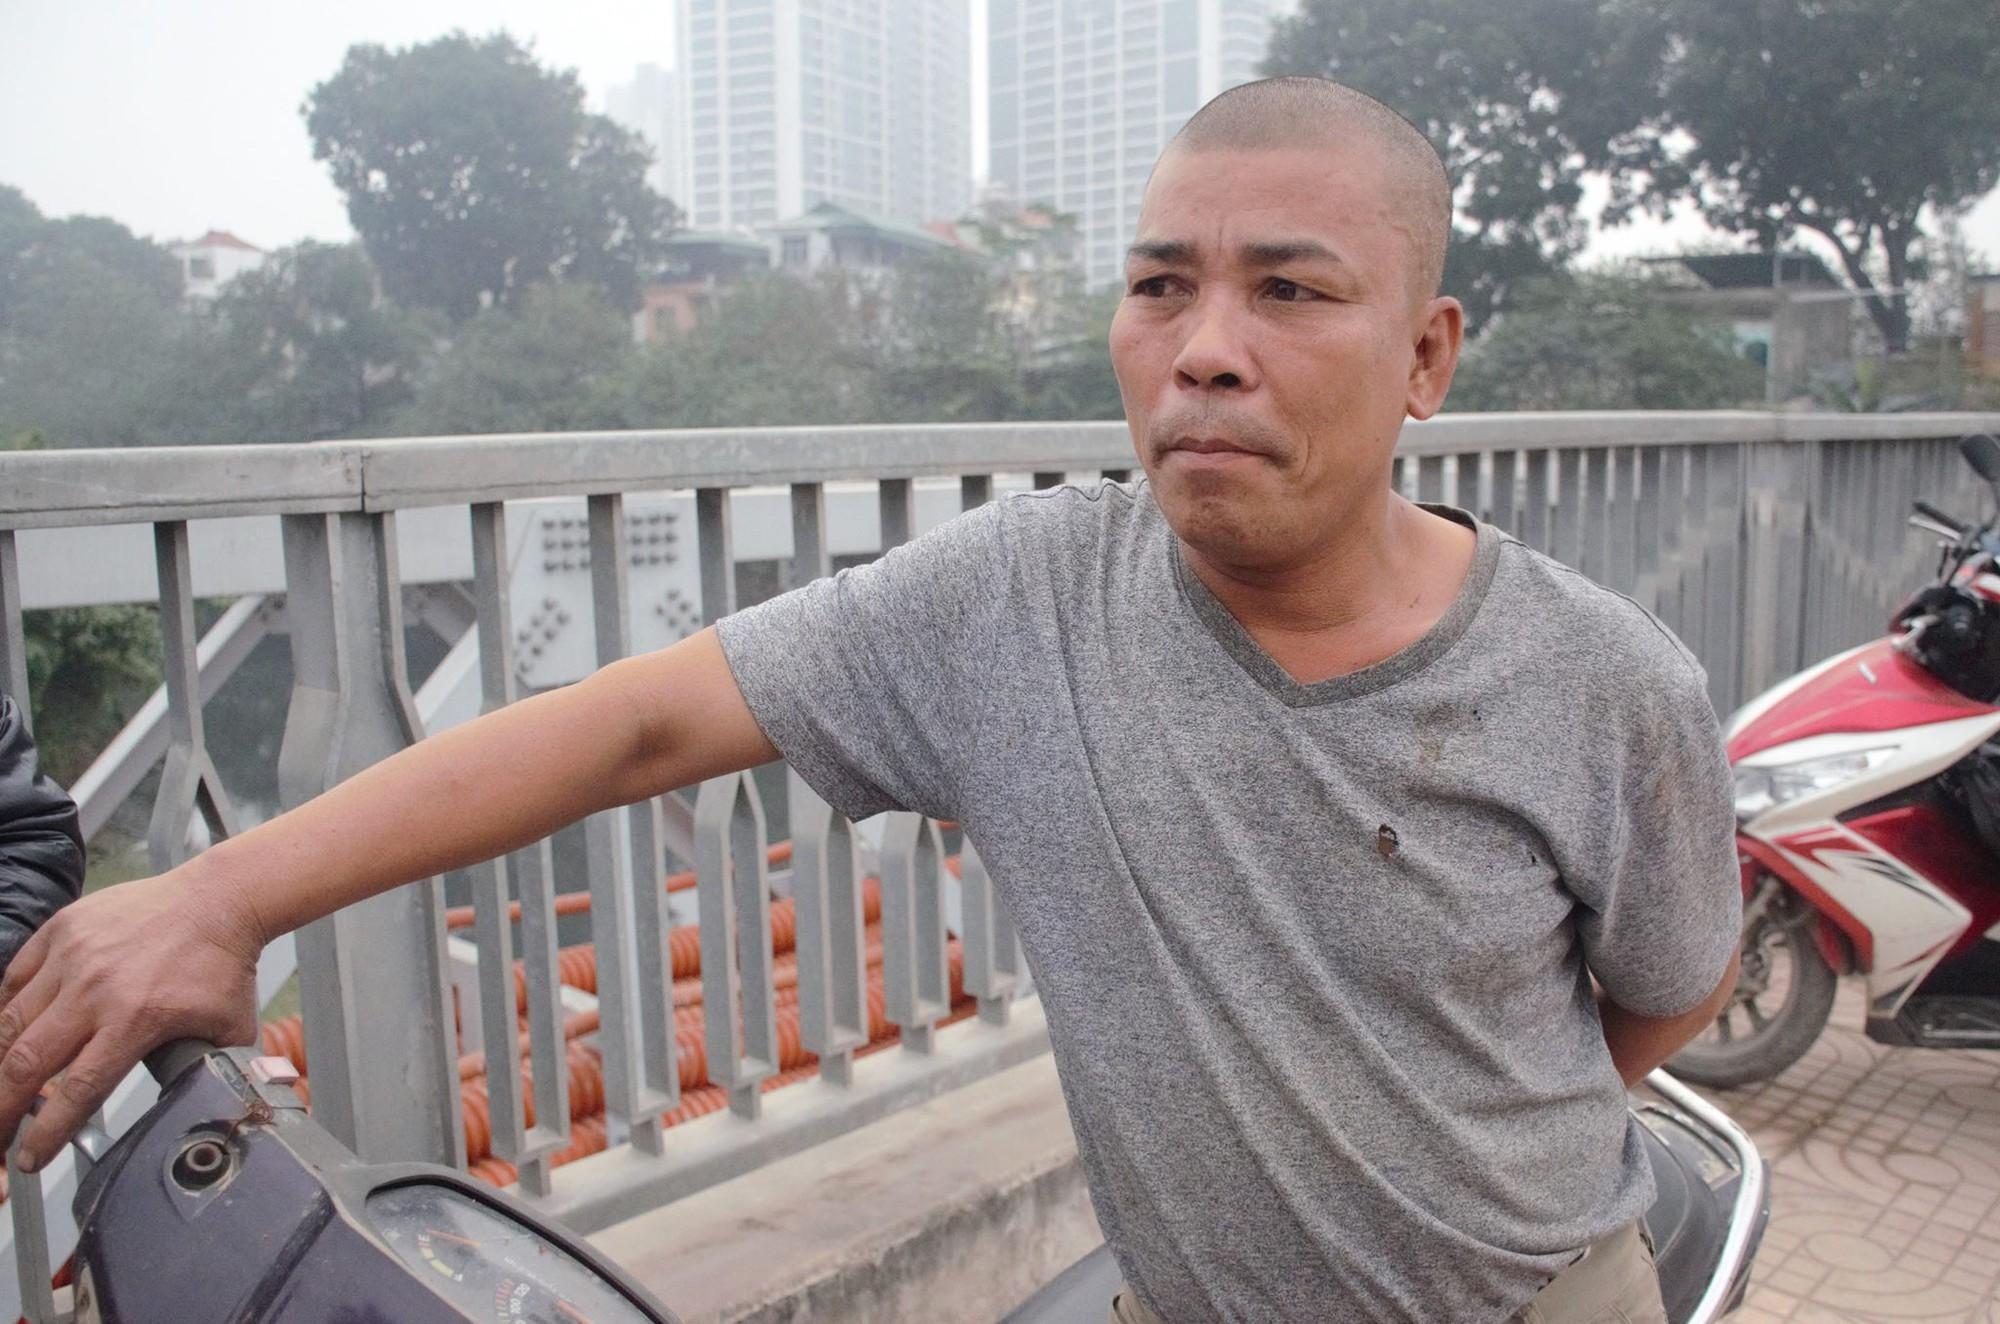 Nhân chứng thất thần kể lại vụ sập giàn giáo làm 6 công nhân thương vong ở Hà Nội-3